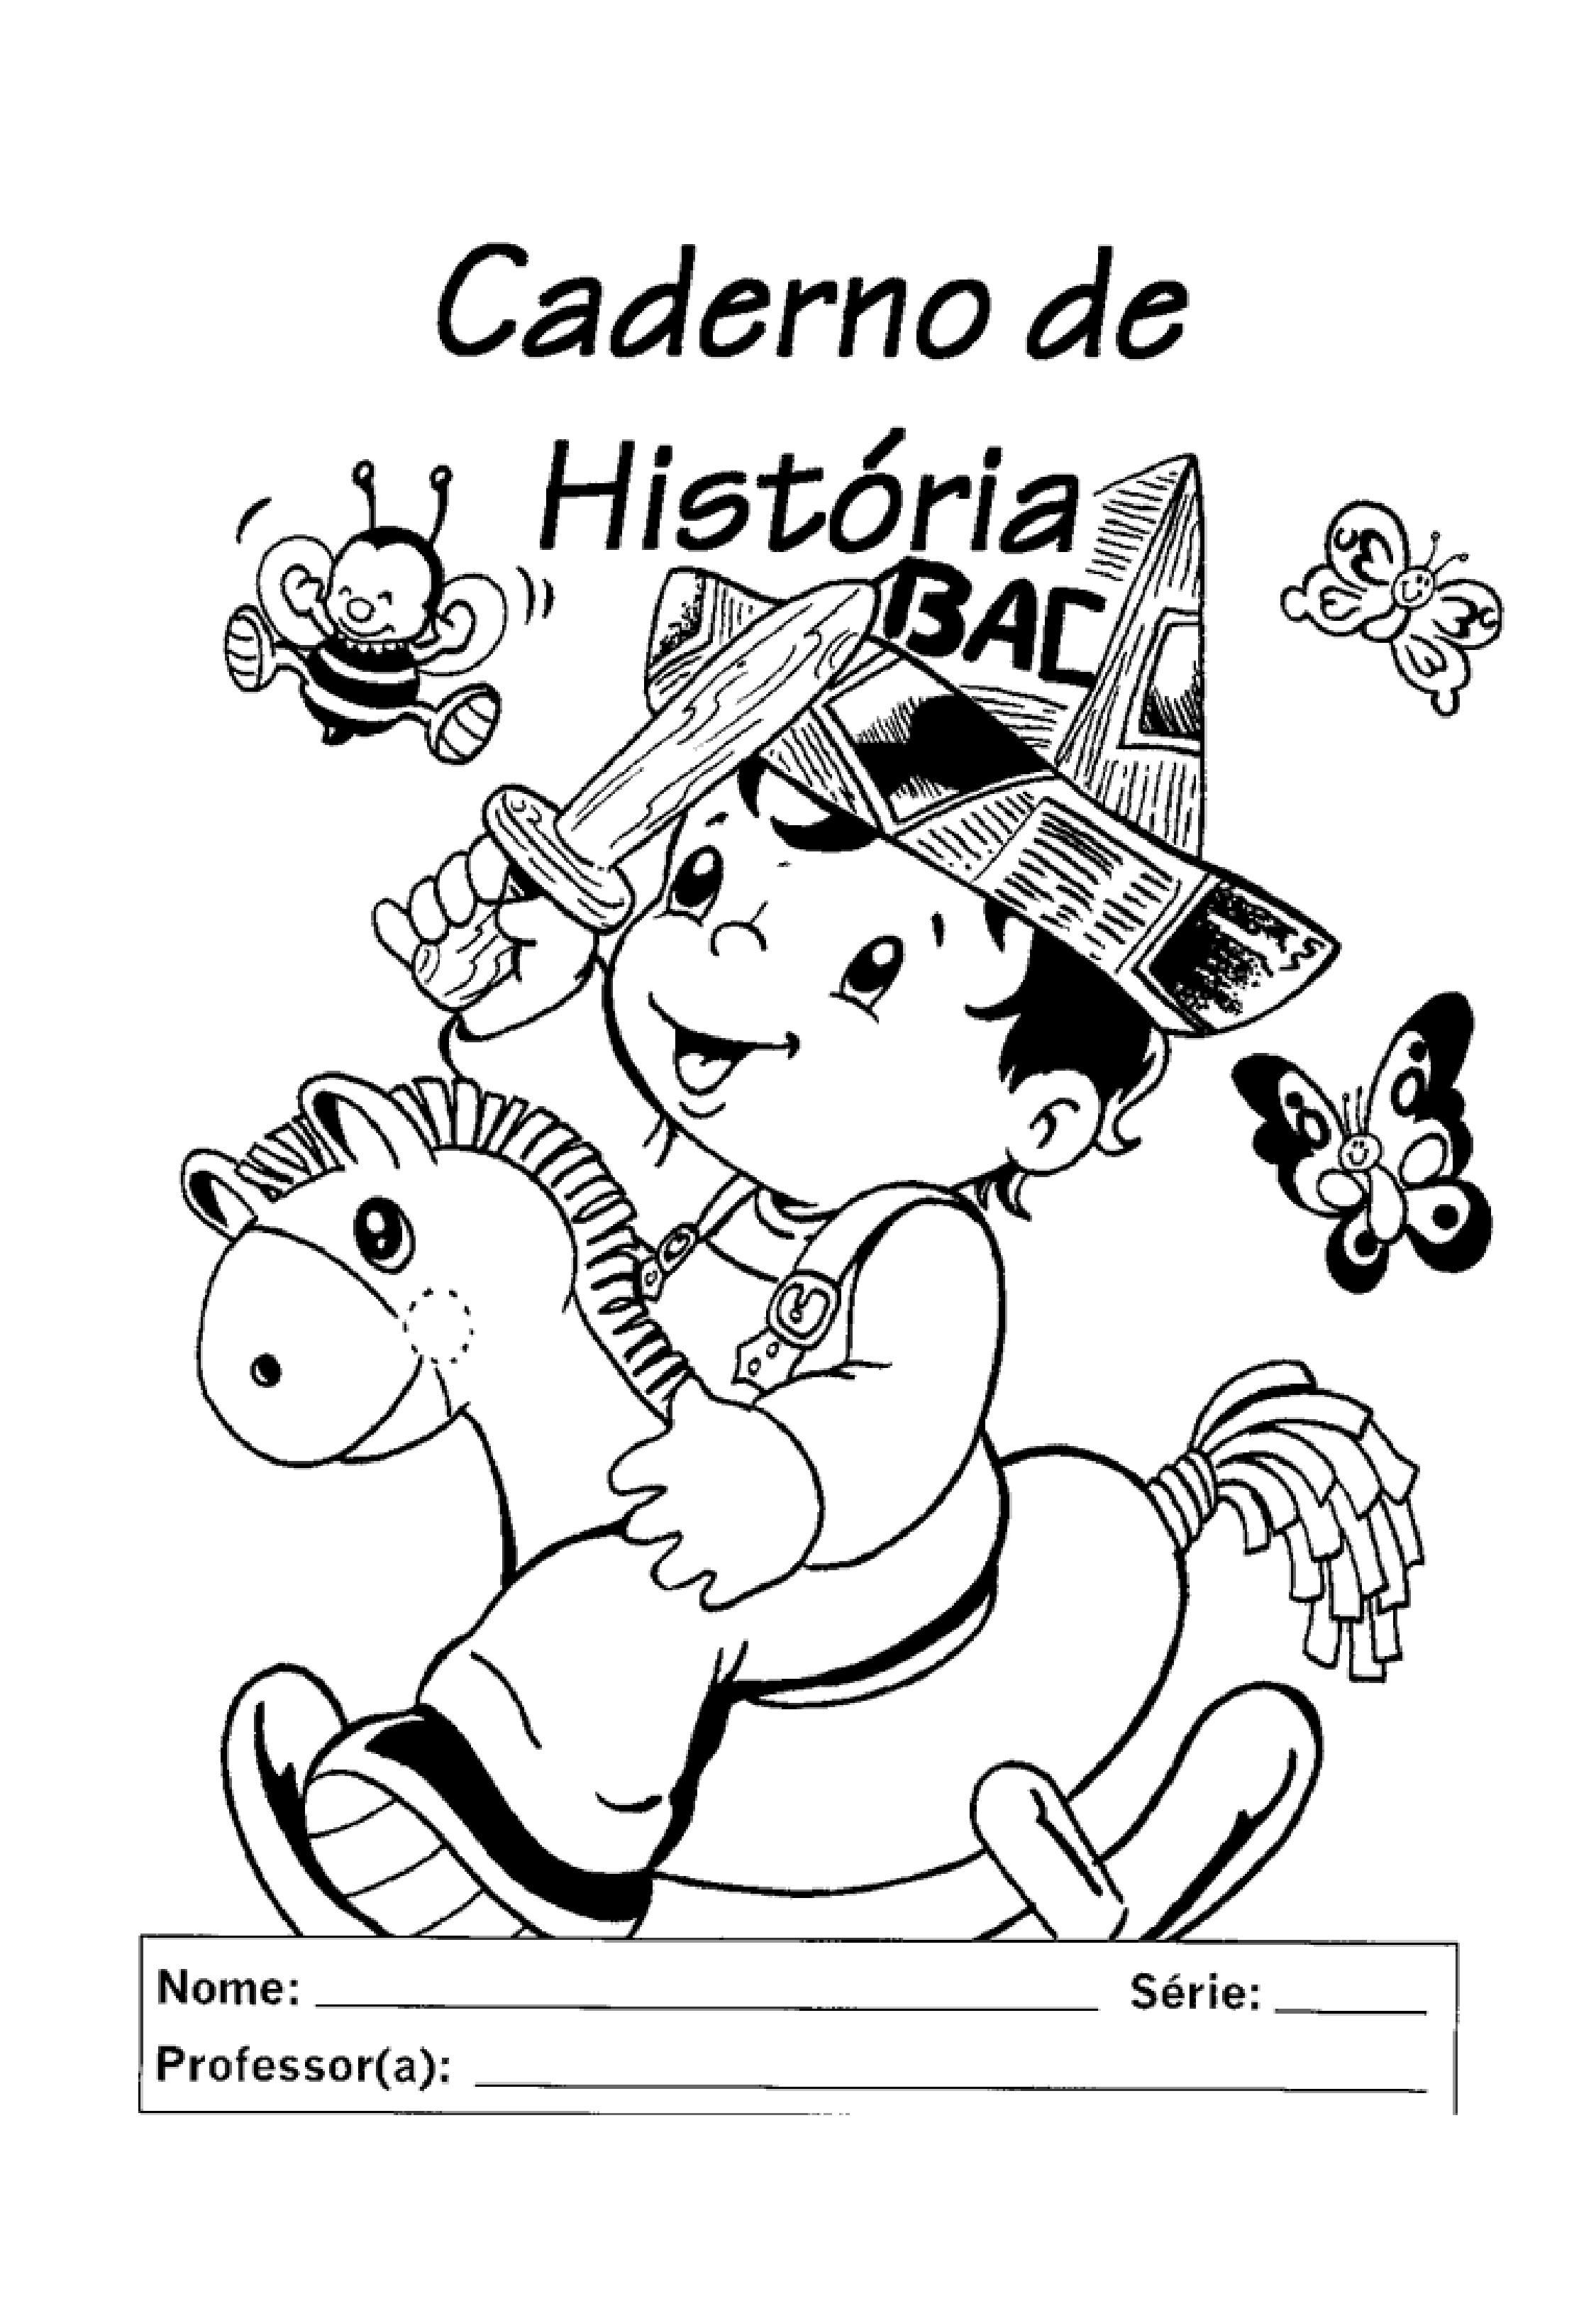 capa de caderno de história